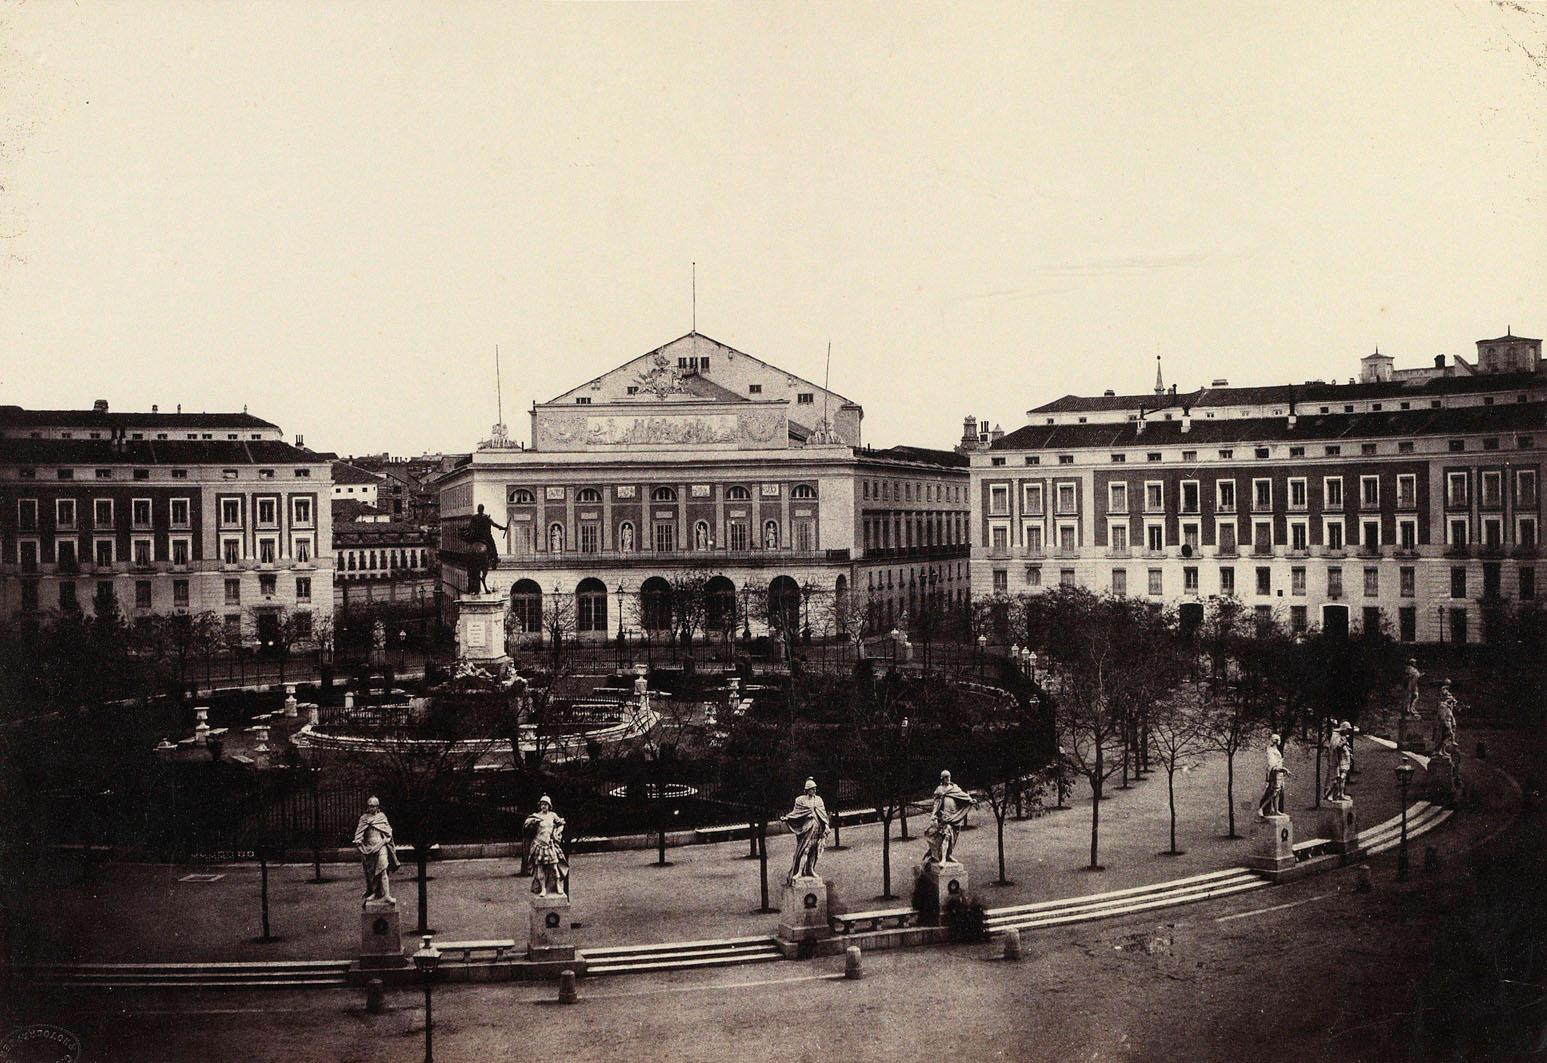 Plaza de Oriente y Teatro Real. Calotipo, 1853. Ch. Clifford. Biblioteca Nacional de España.